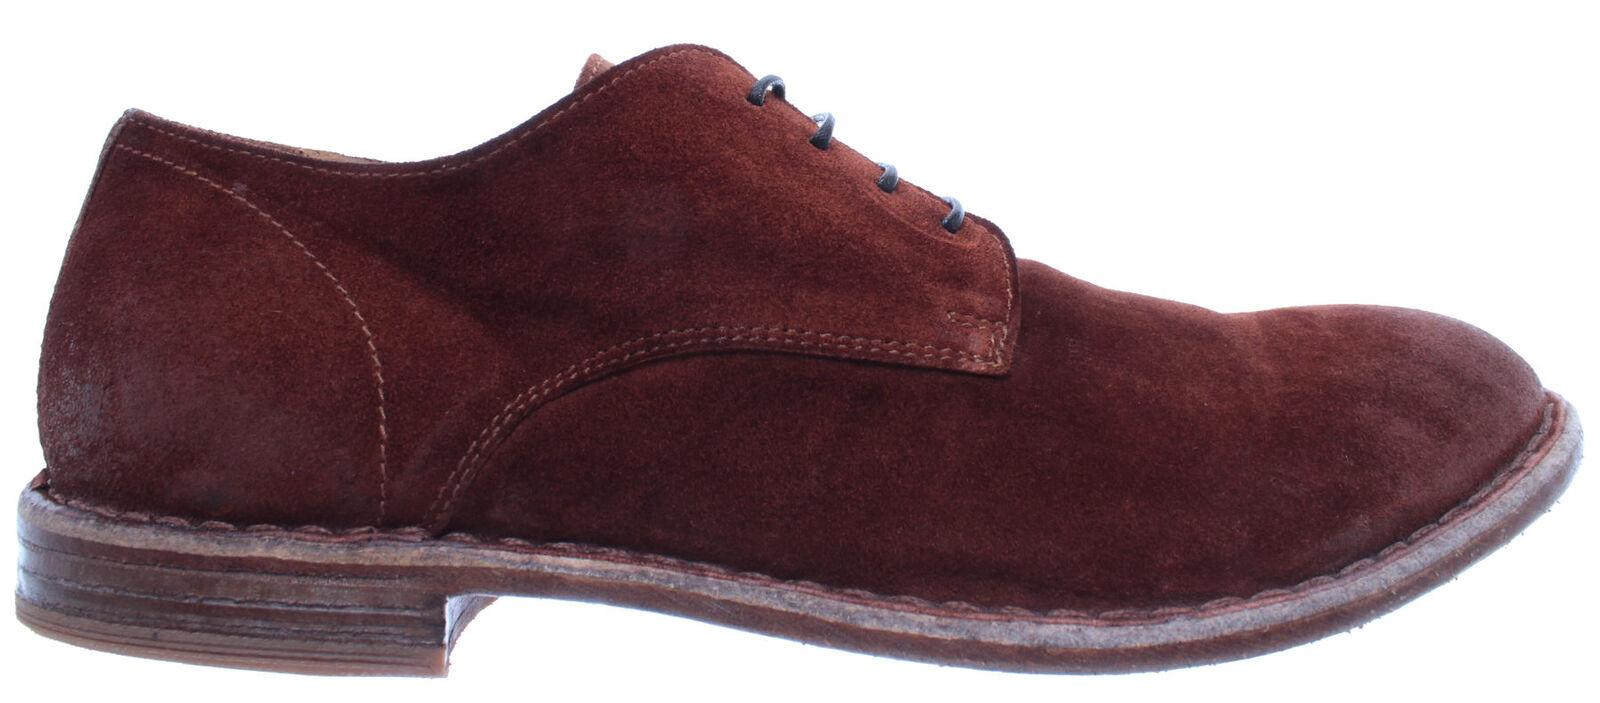 Moma zapatos caballero 14801-y2 de gamuza marrón NUEVO